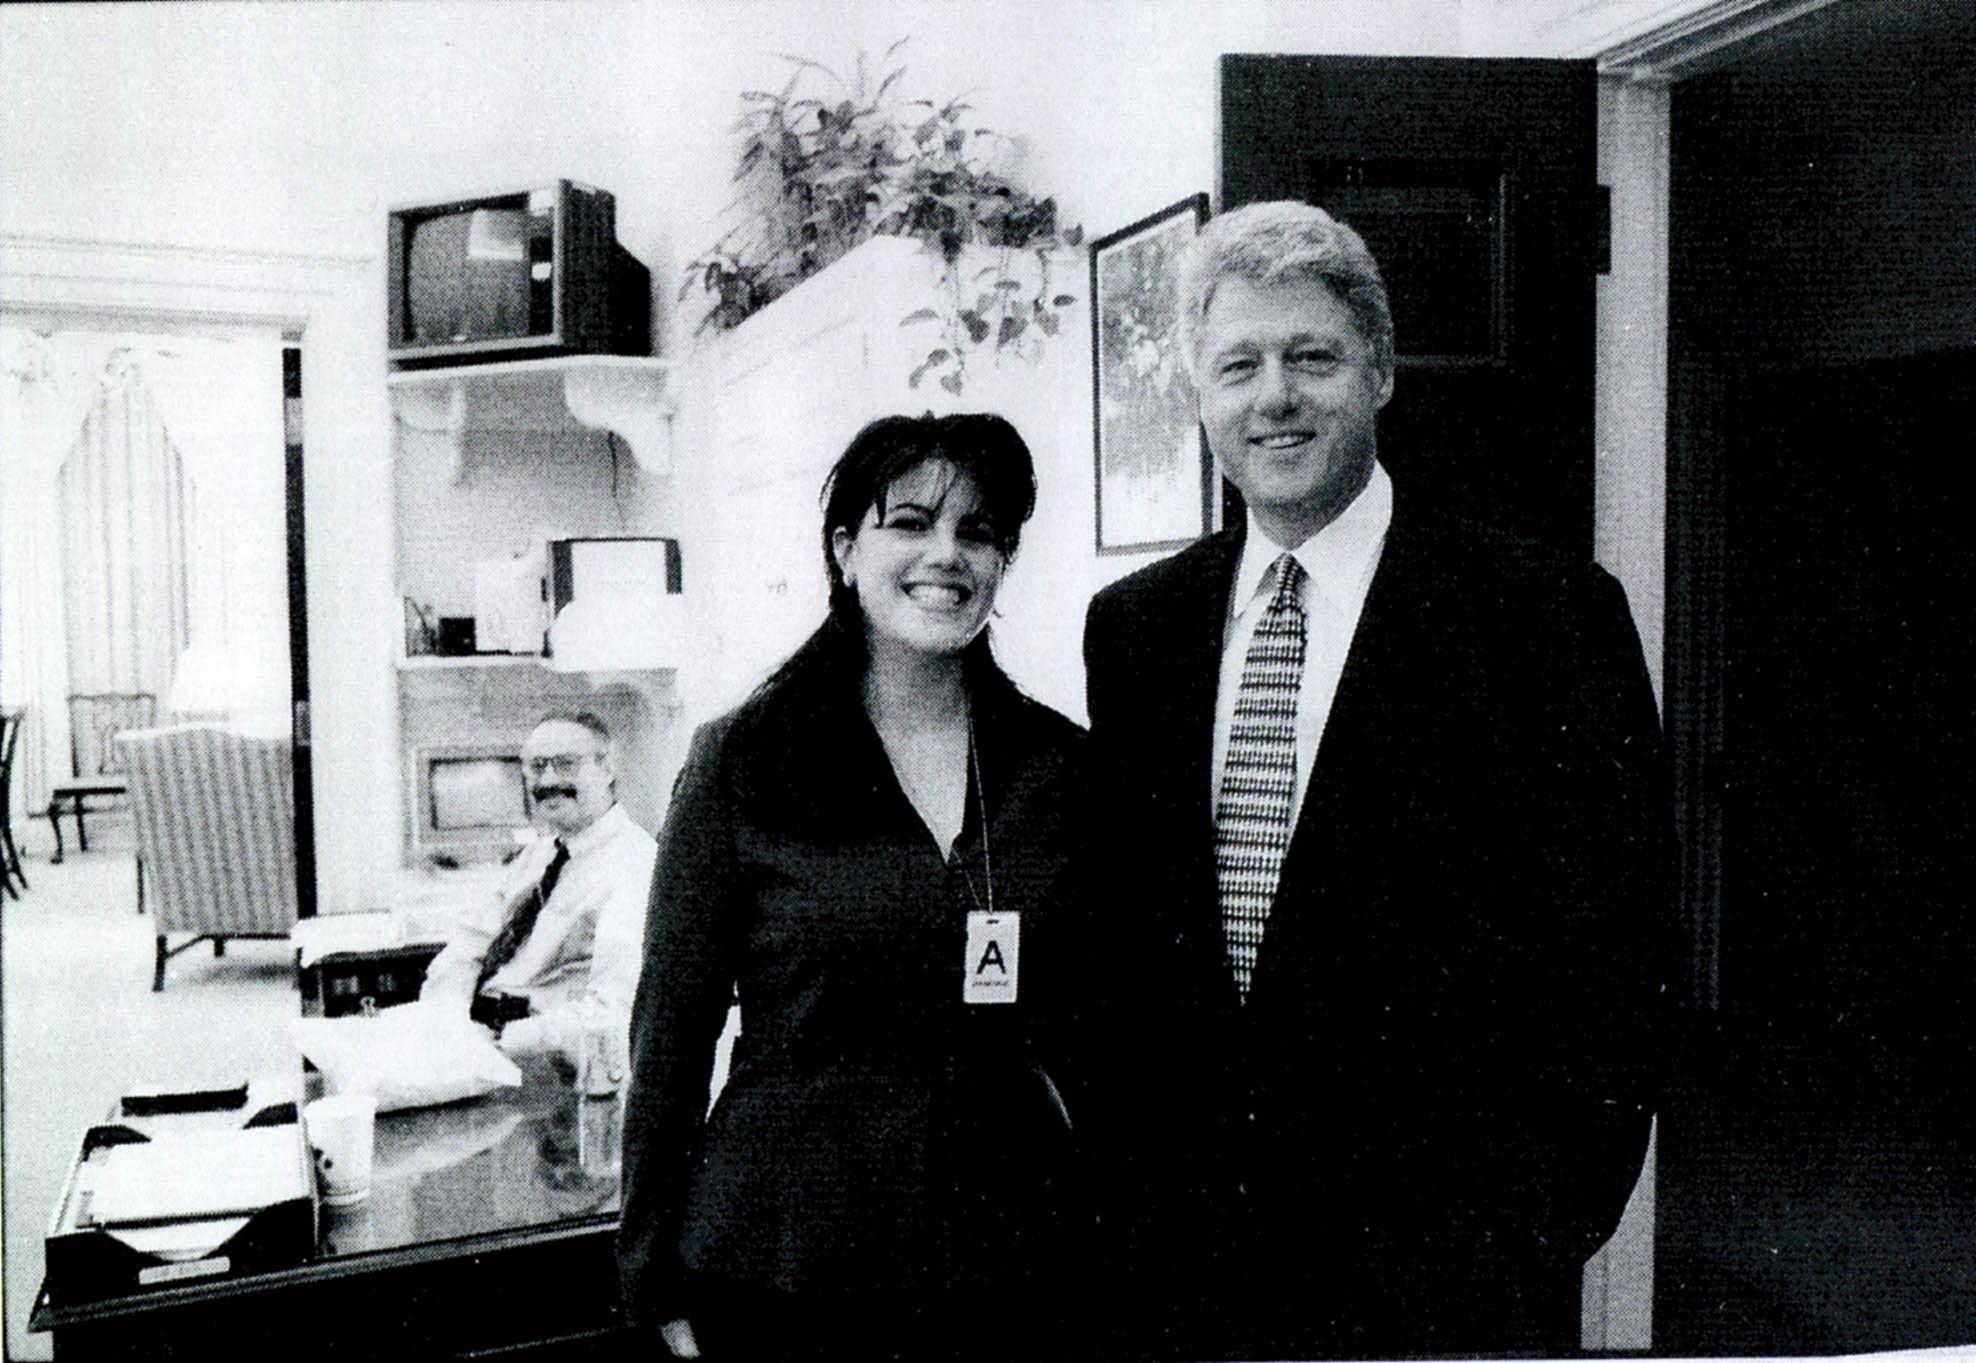 ¿Ironía? 'American Crime Story' hablará del escándalo sexual de Bill Clinton (que será producido por Lewinsky)